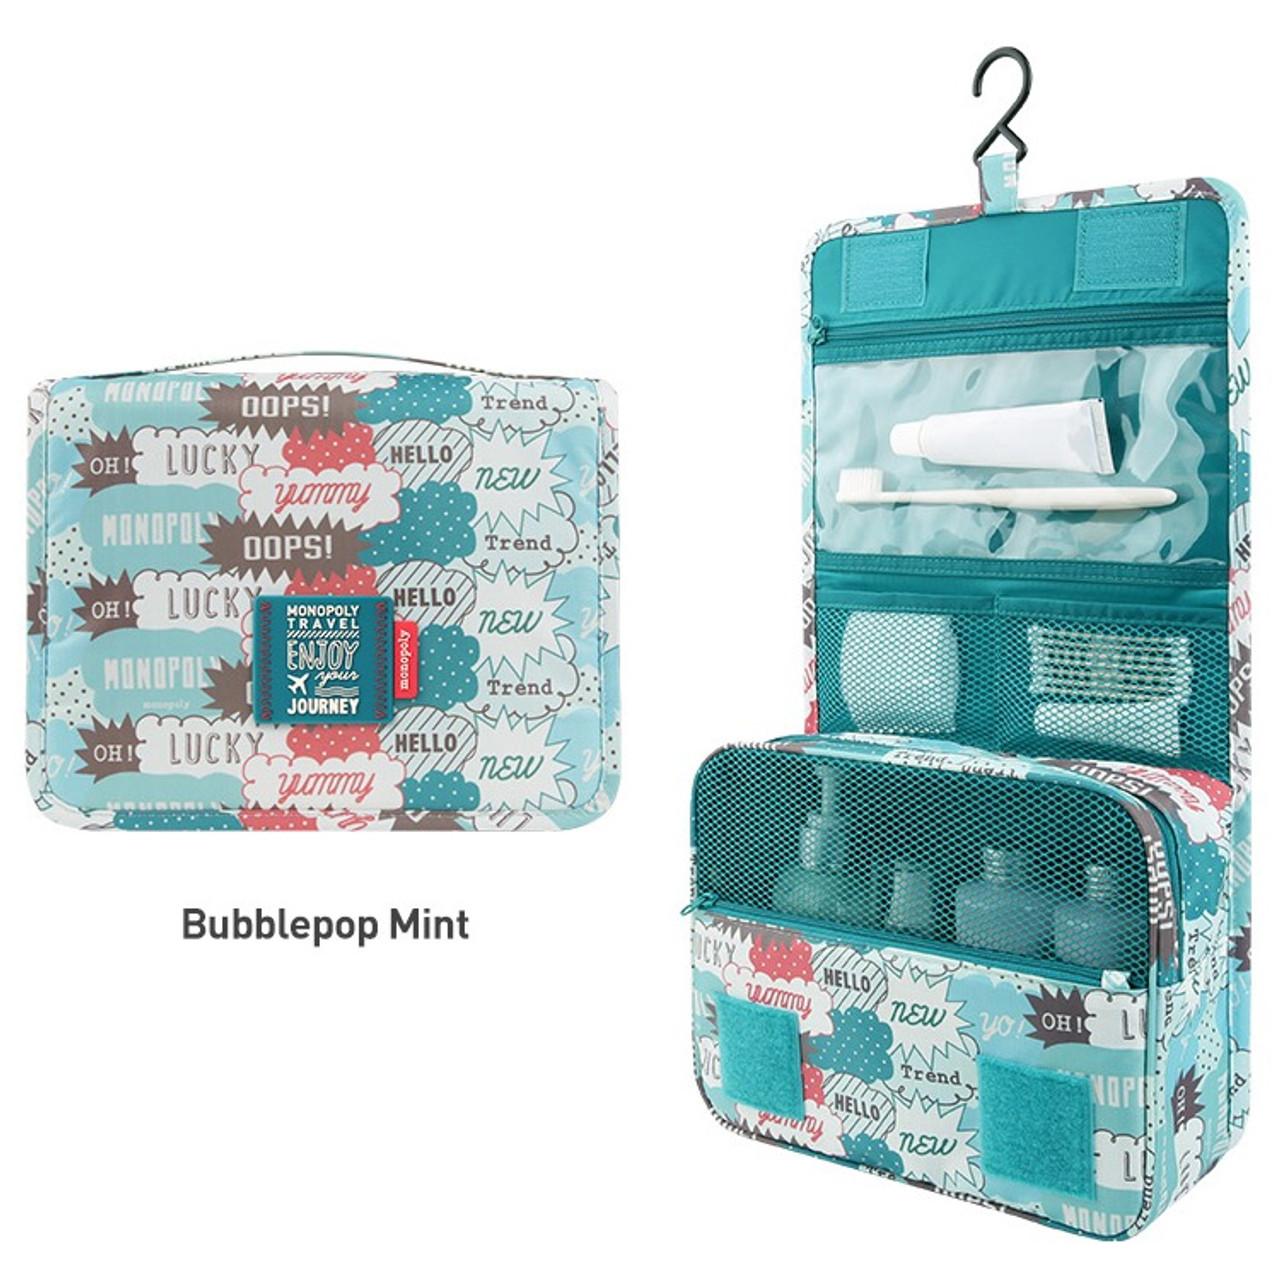 ec7a2d738c7e Bubblepop mint - Enjoy journey large travel hanging toiletry pouch bag